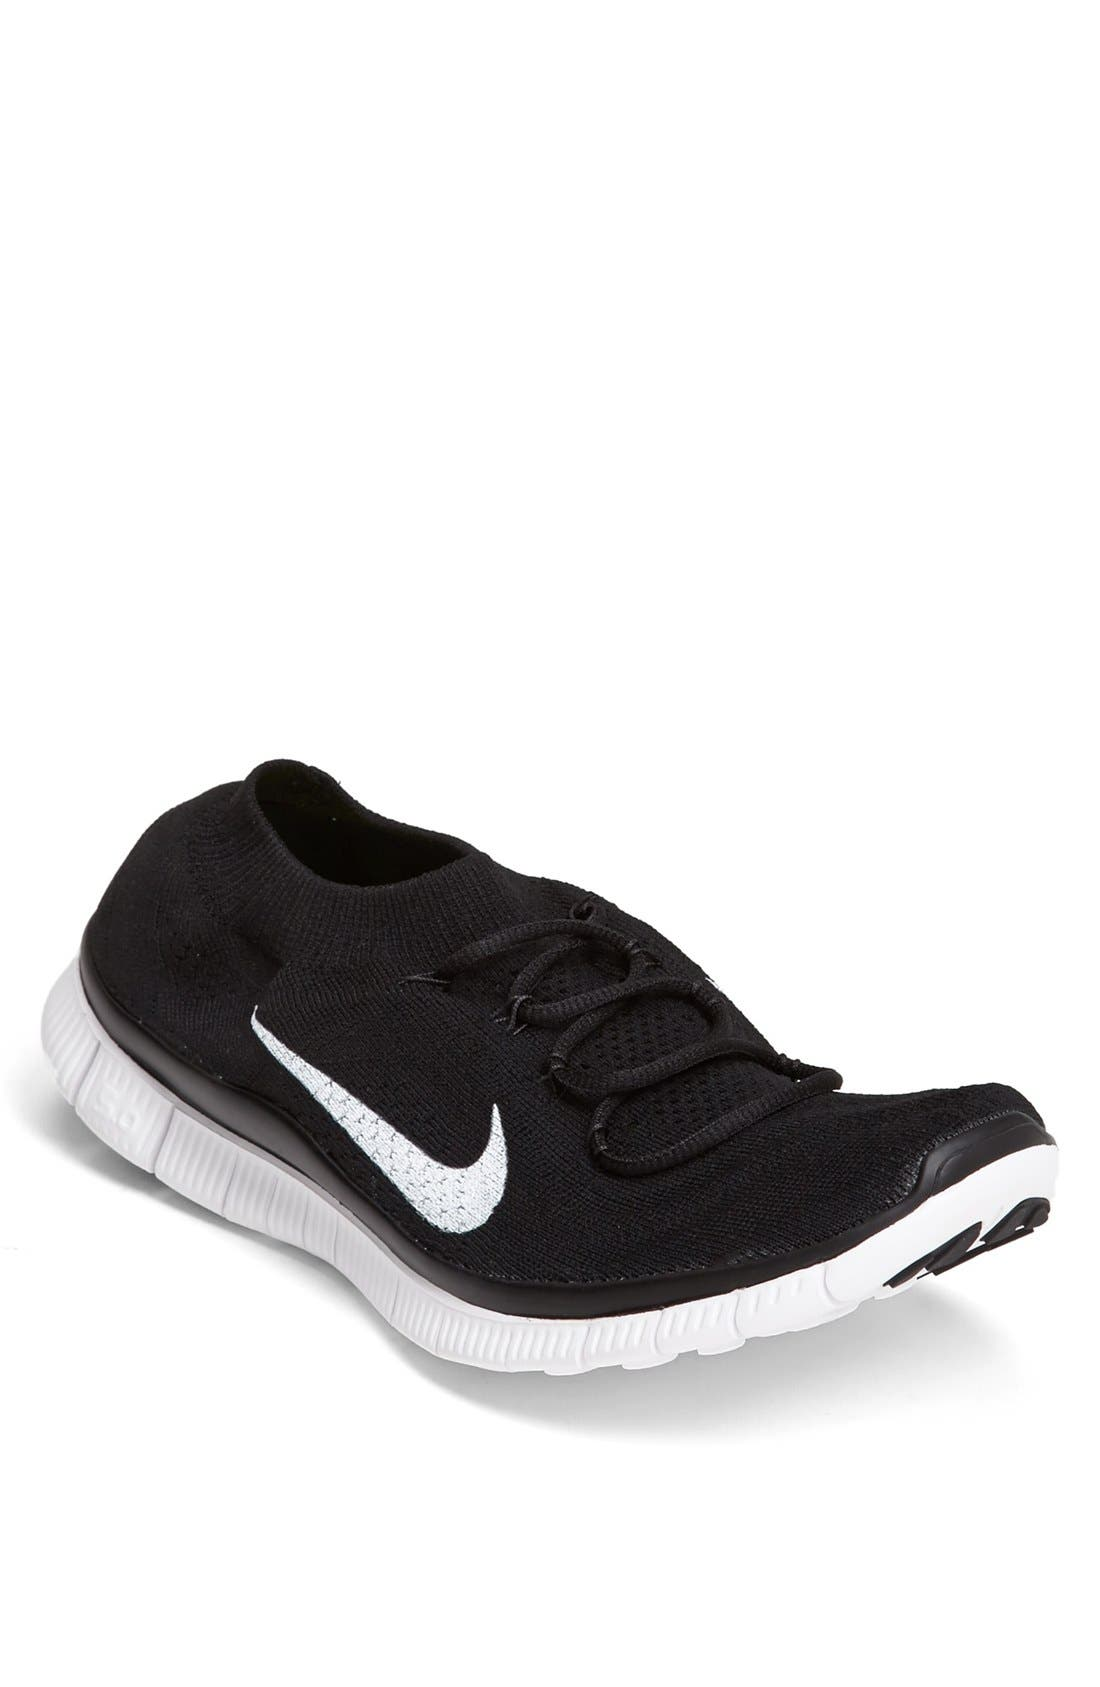 Main Image - Nike 'Free Flyknit+' Running Shoe (Men)